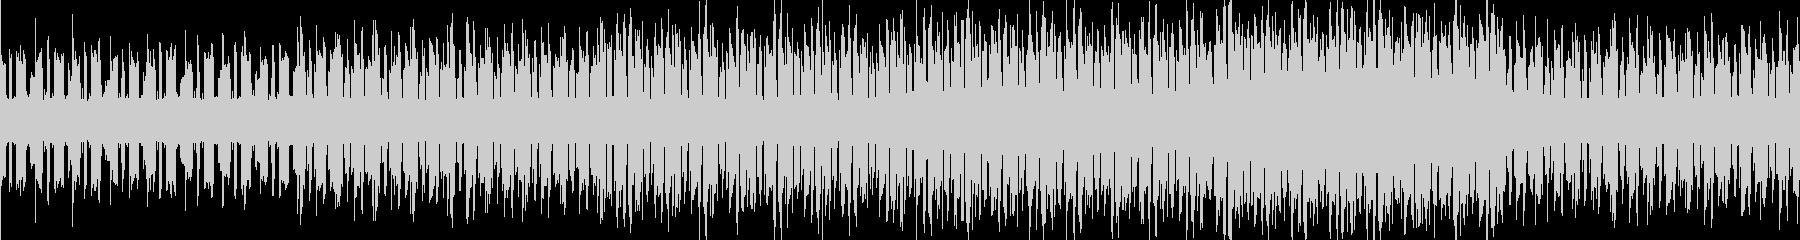 テンポが速い暗い曲の未再生の波形